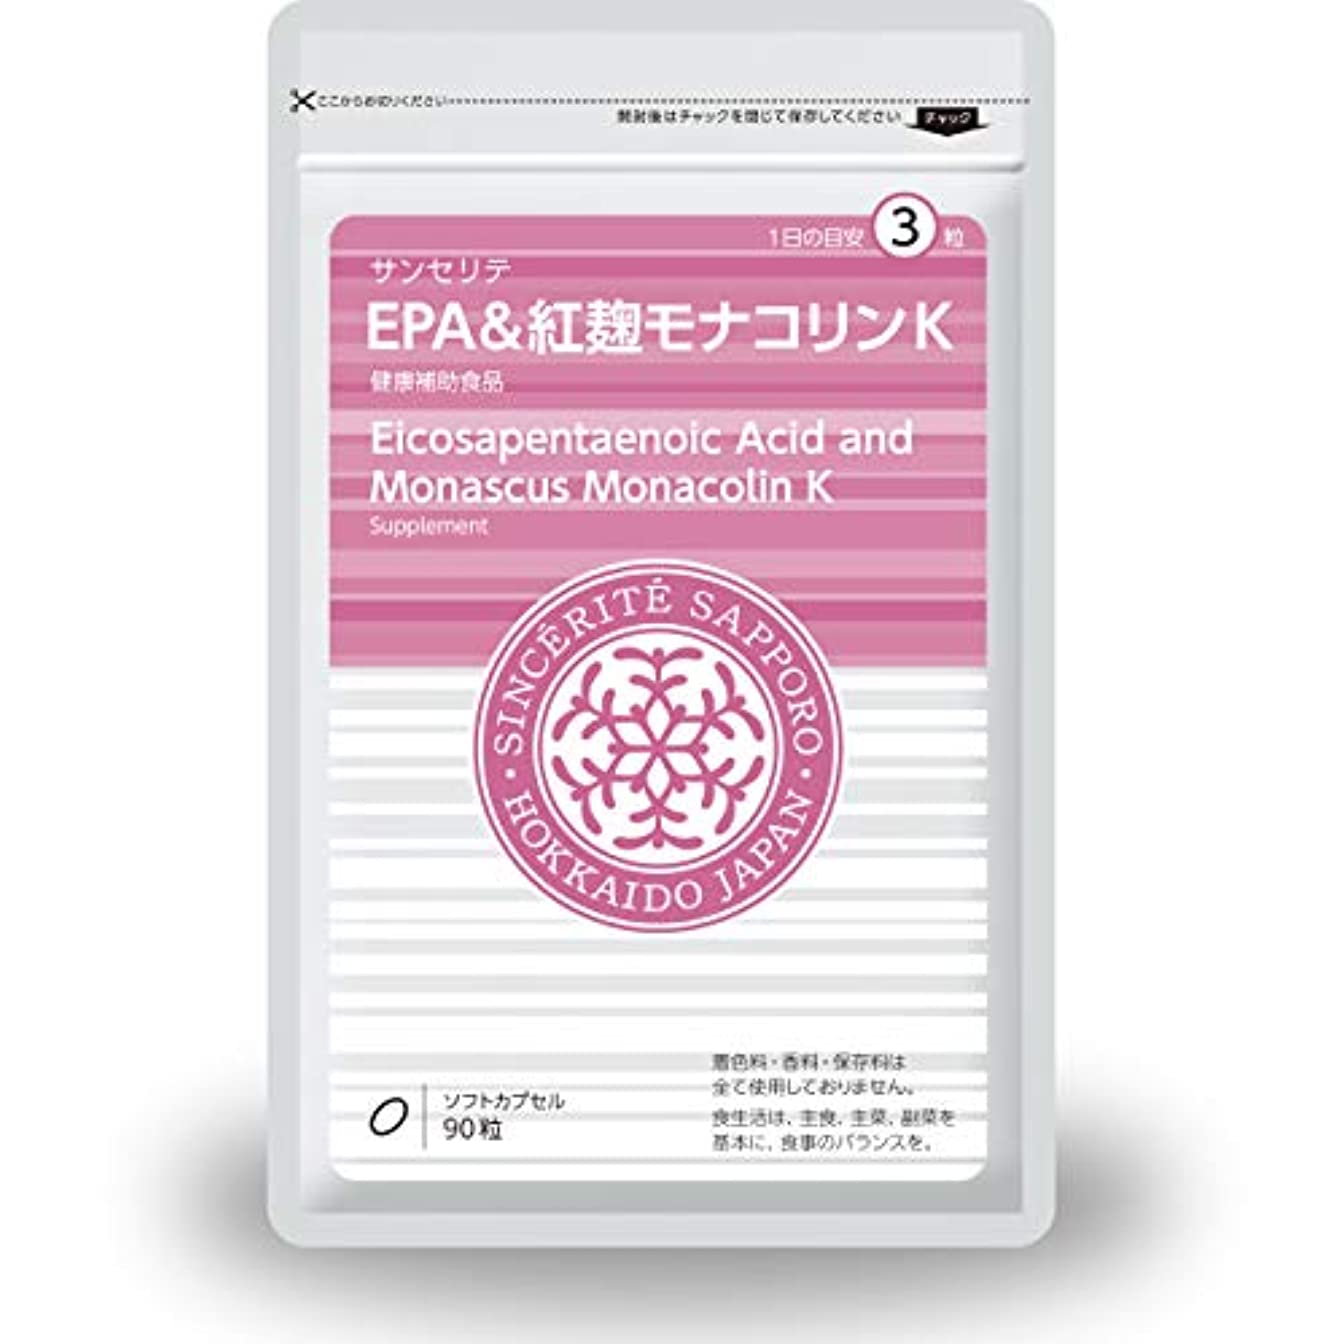 リズム佐賀同様のEPA&紅麹モナコリンK [EPA]200mg配合[国内製造]しっかり30日分